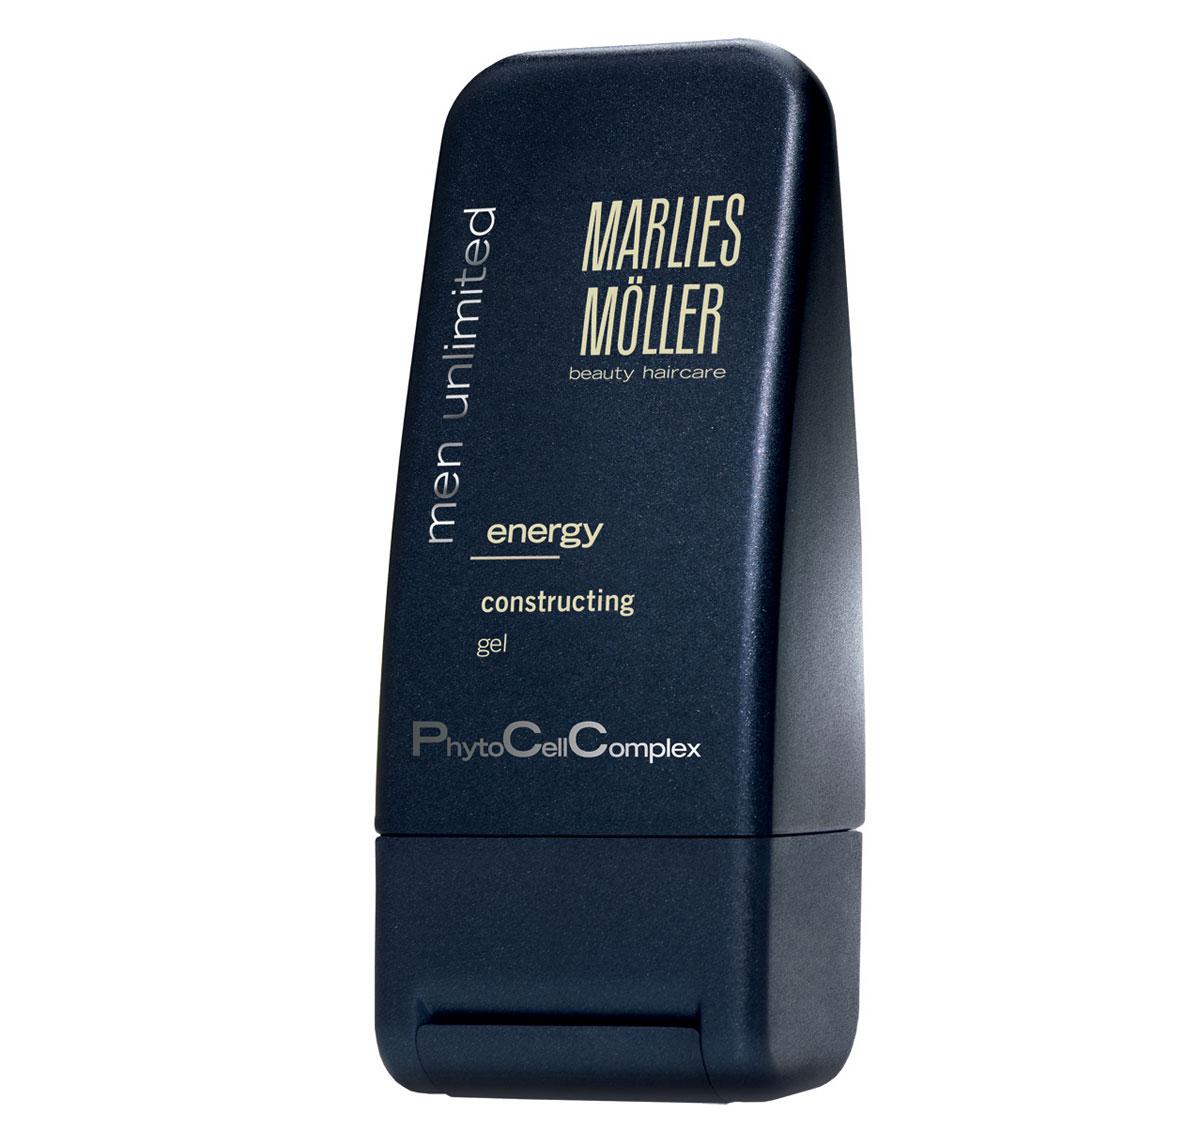 Marlies Moller Структурирующий гель для укладки волос Men Unlimited, для мужчин, 100 млБ33041_шампунь-барбарис и липа, скраб -черная смородинаГель рекомендуется для любого стиля, для любого типа волос. Придает волосам силу и обеспечивает естественную фиксацию. Сохраняет гибкость укладки, не склеивает волосы. Легко удаляется при расчесывании. Защищает от повреждающего действия УФ лучей и свободных радикалов. Обеспечивает волосам дополнительное увлажнение. Гель легко распределяется по волосам, имеет нелипкую текстуру, не утяжеляет волосы, полностью и легко смывается. Профессиональный совет: наносите гель на влажные волосы для создания современного делового стиля. Предварительно подсушите волосы полотенцем, затем часть волос, в зависимости от Ваших предпочтений, расчешите в нужном направлении. Нанесите на ладонь небольшое количество геля (размером с грецкий орех) и придайте форму прическе. Закрепите фиксацию с помощью теплового воздействия фена. Можно наносить гель на сухие волосы для создания спортивного стиля. Нанесите гель на ладони и взъерошьте сухие волосы руками. Затем возьмите еще немного средства и придайте форму отдельным прядям.Возьмите небольшое количество средства. В зависимости от желаемого эффекта нанесите на сухие или подсушенные полотенцем волосы. Уложите как обычно.